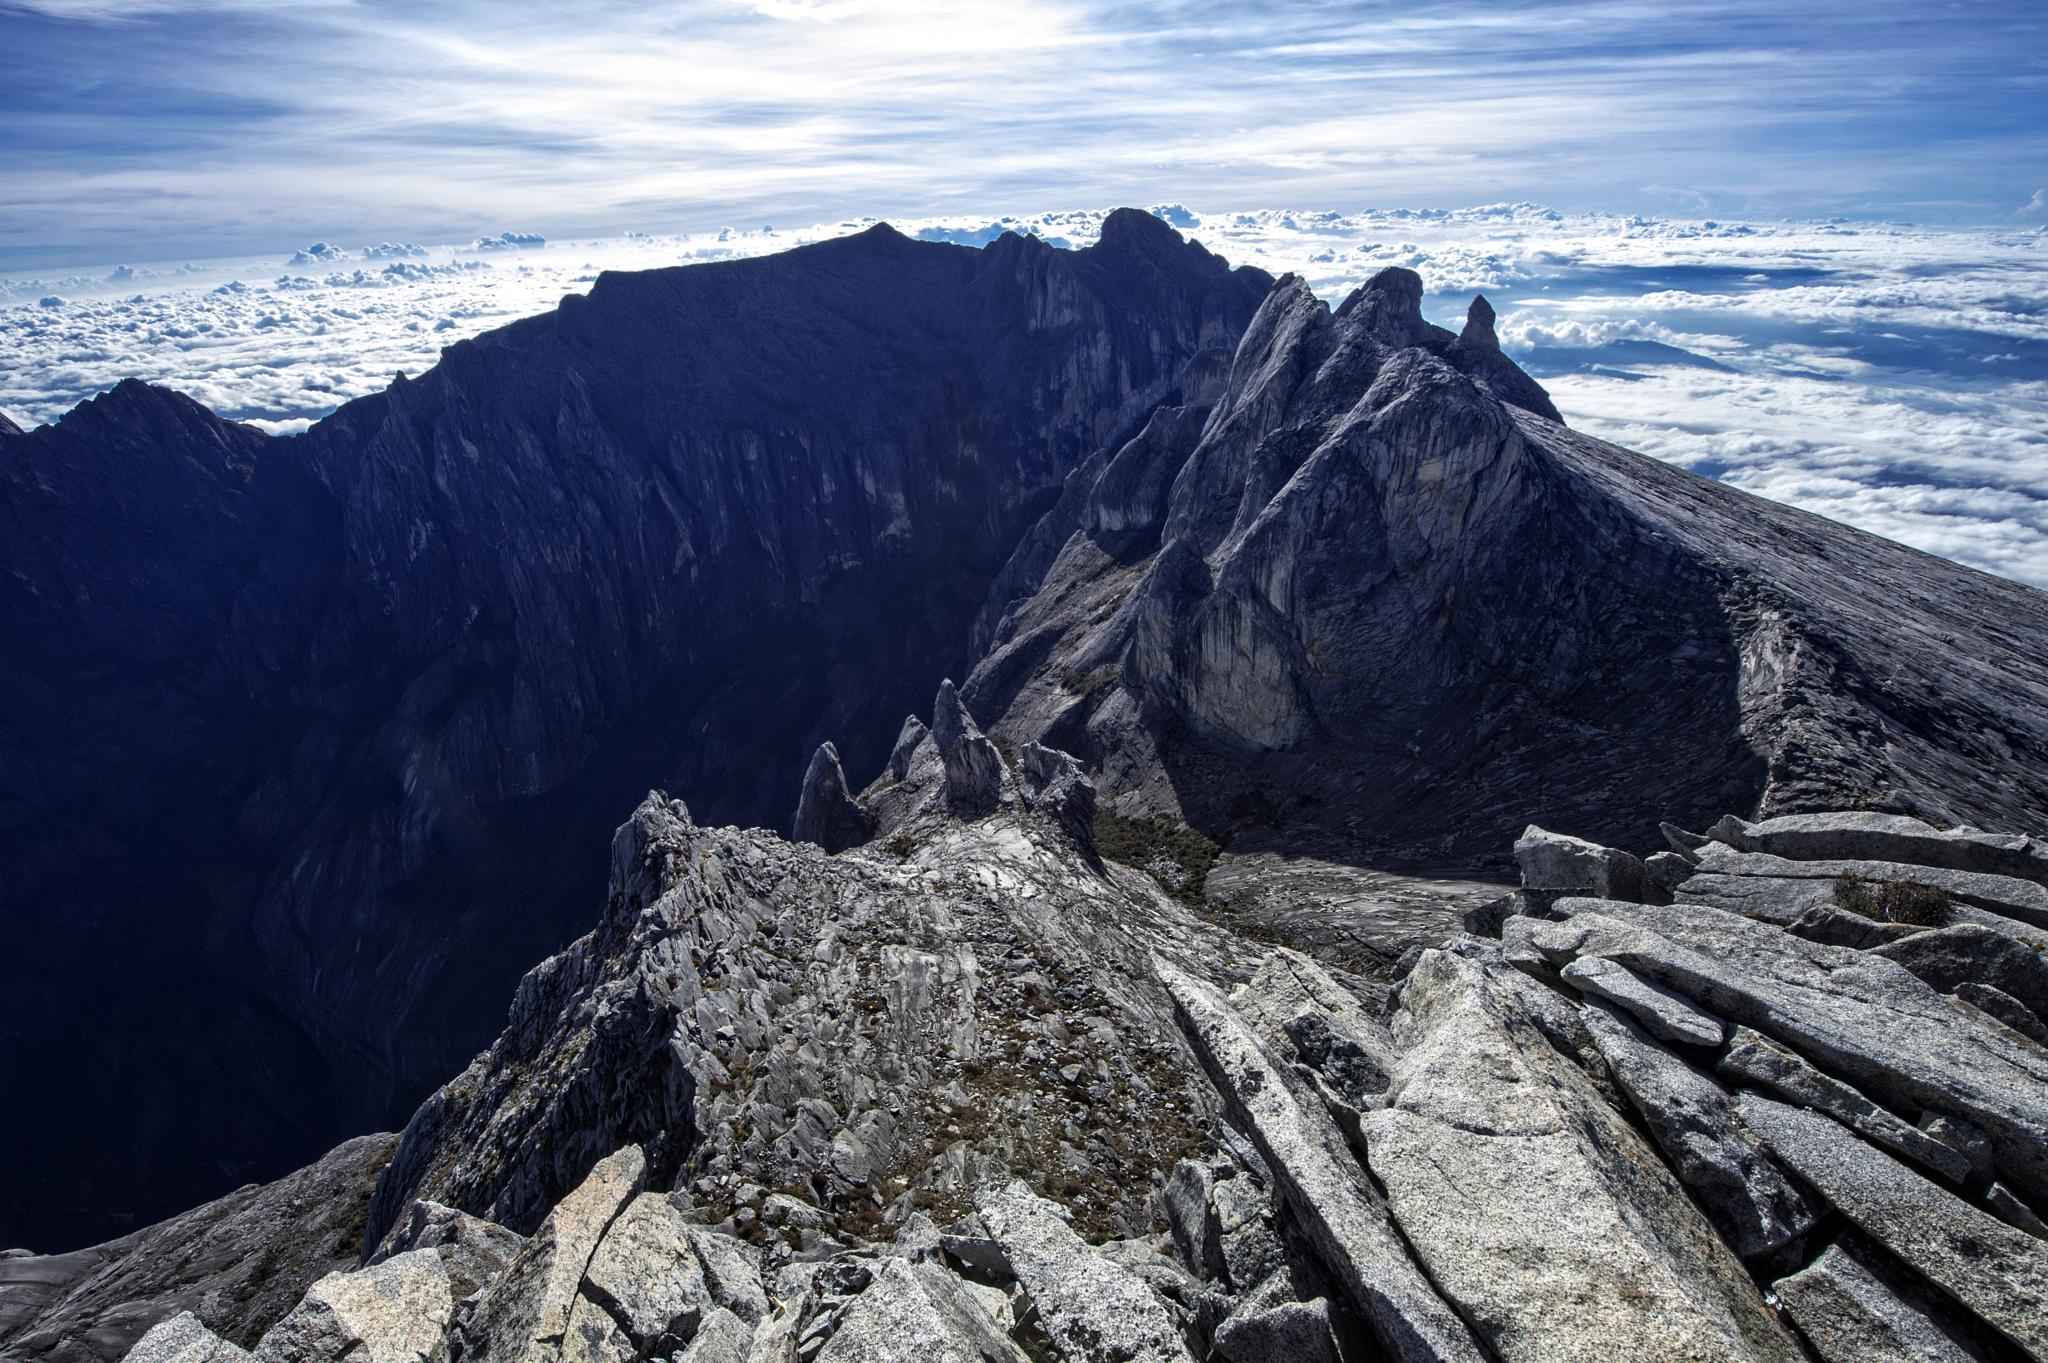 Mount Kinabalu by Kim Chong Keat